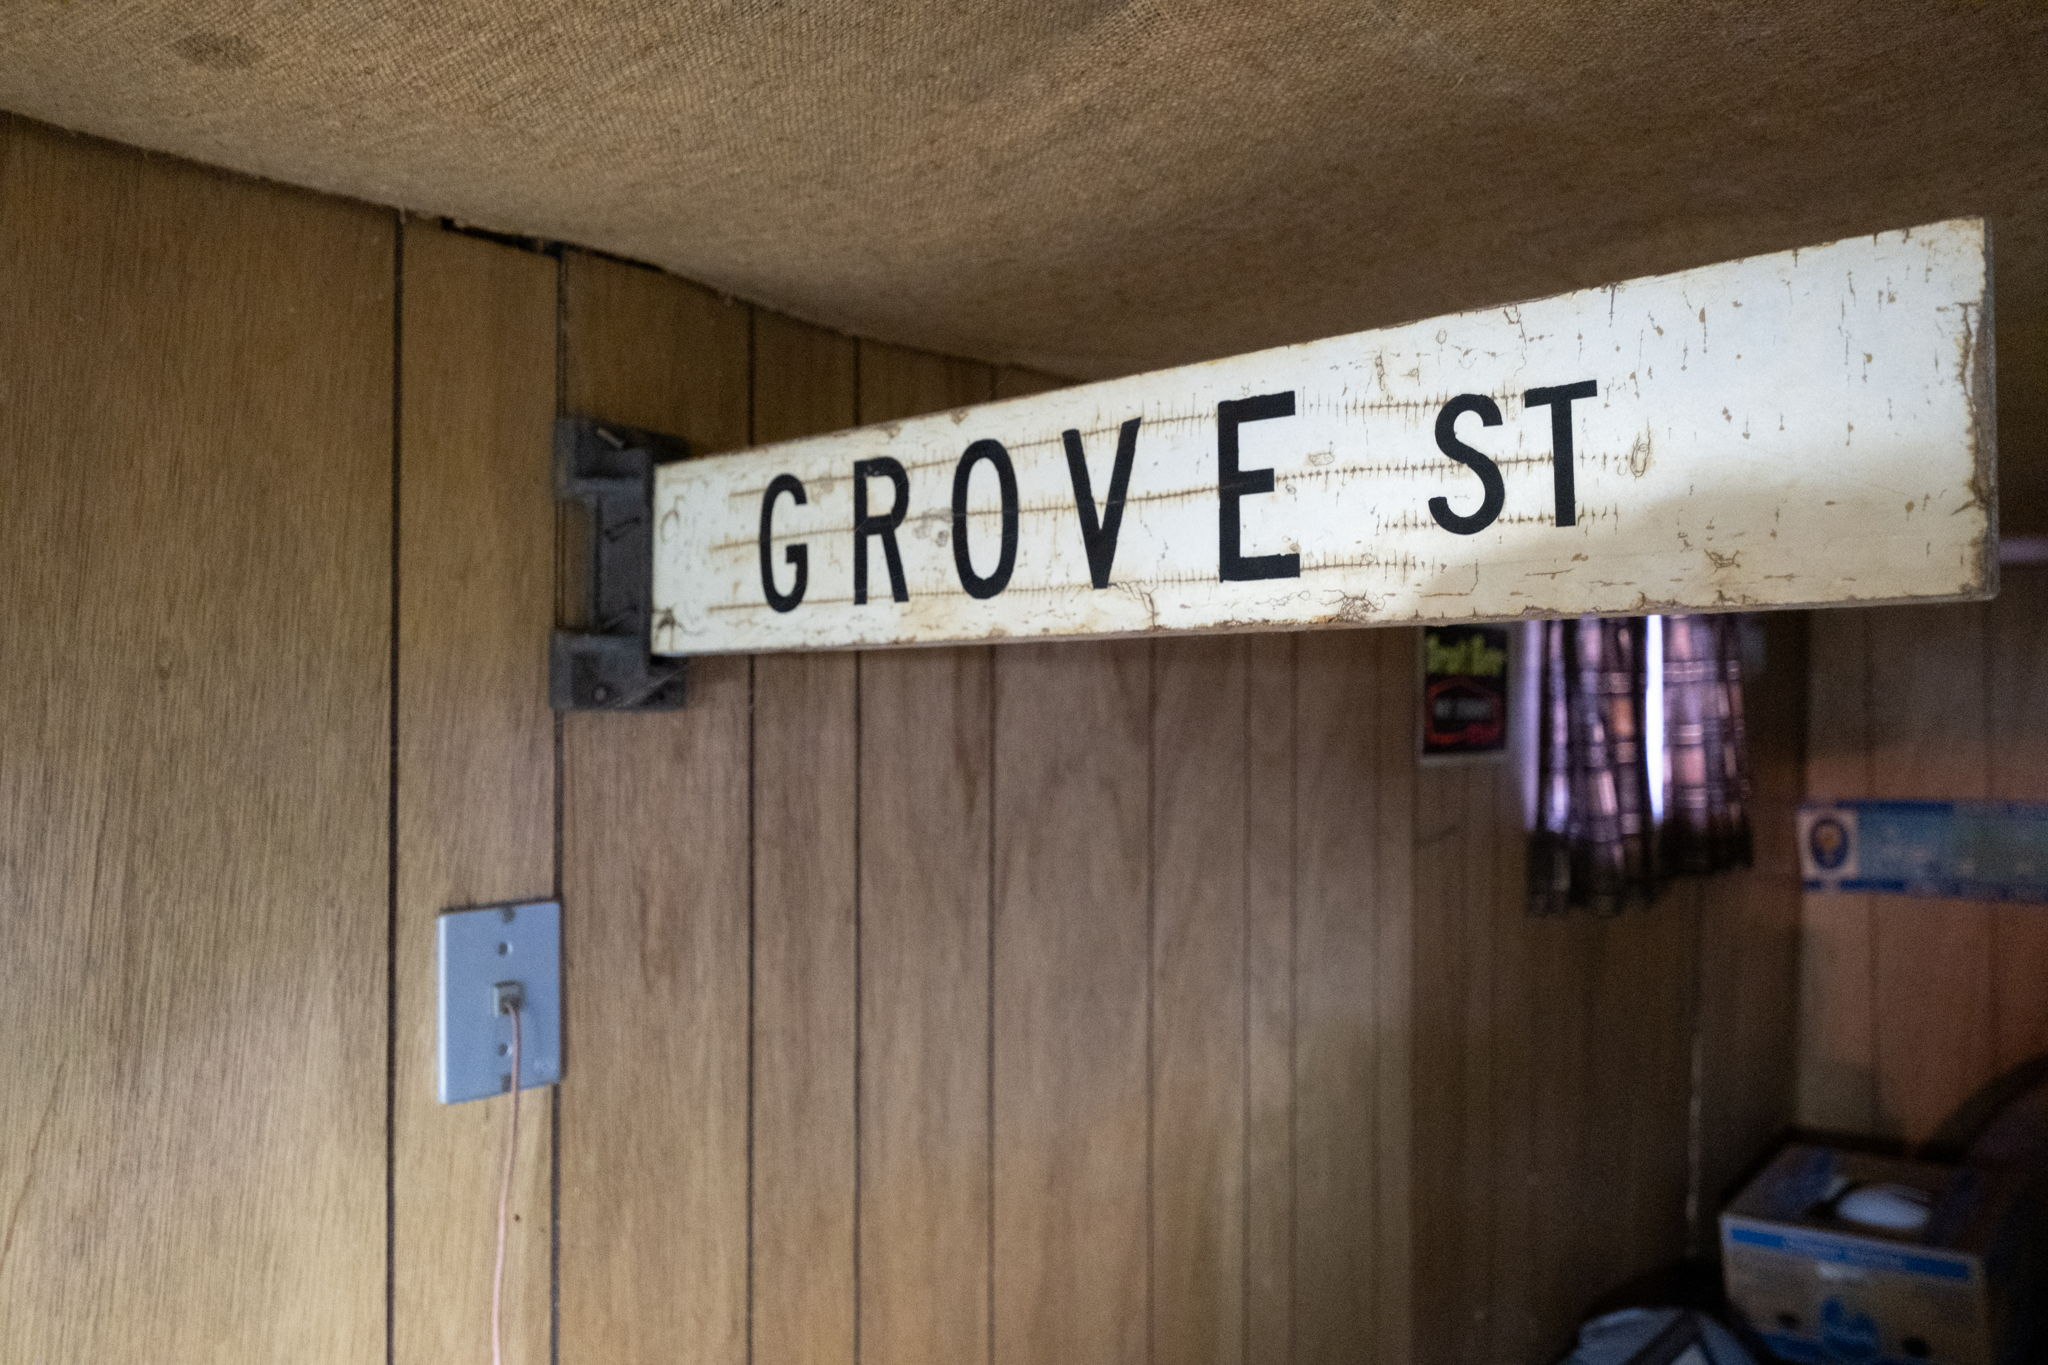 Grove St-13